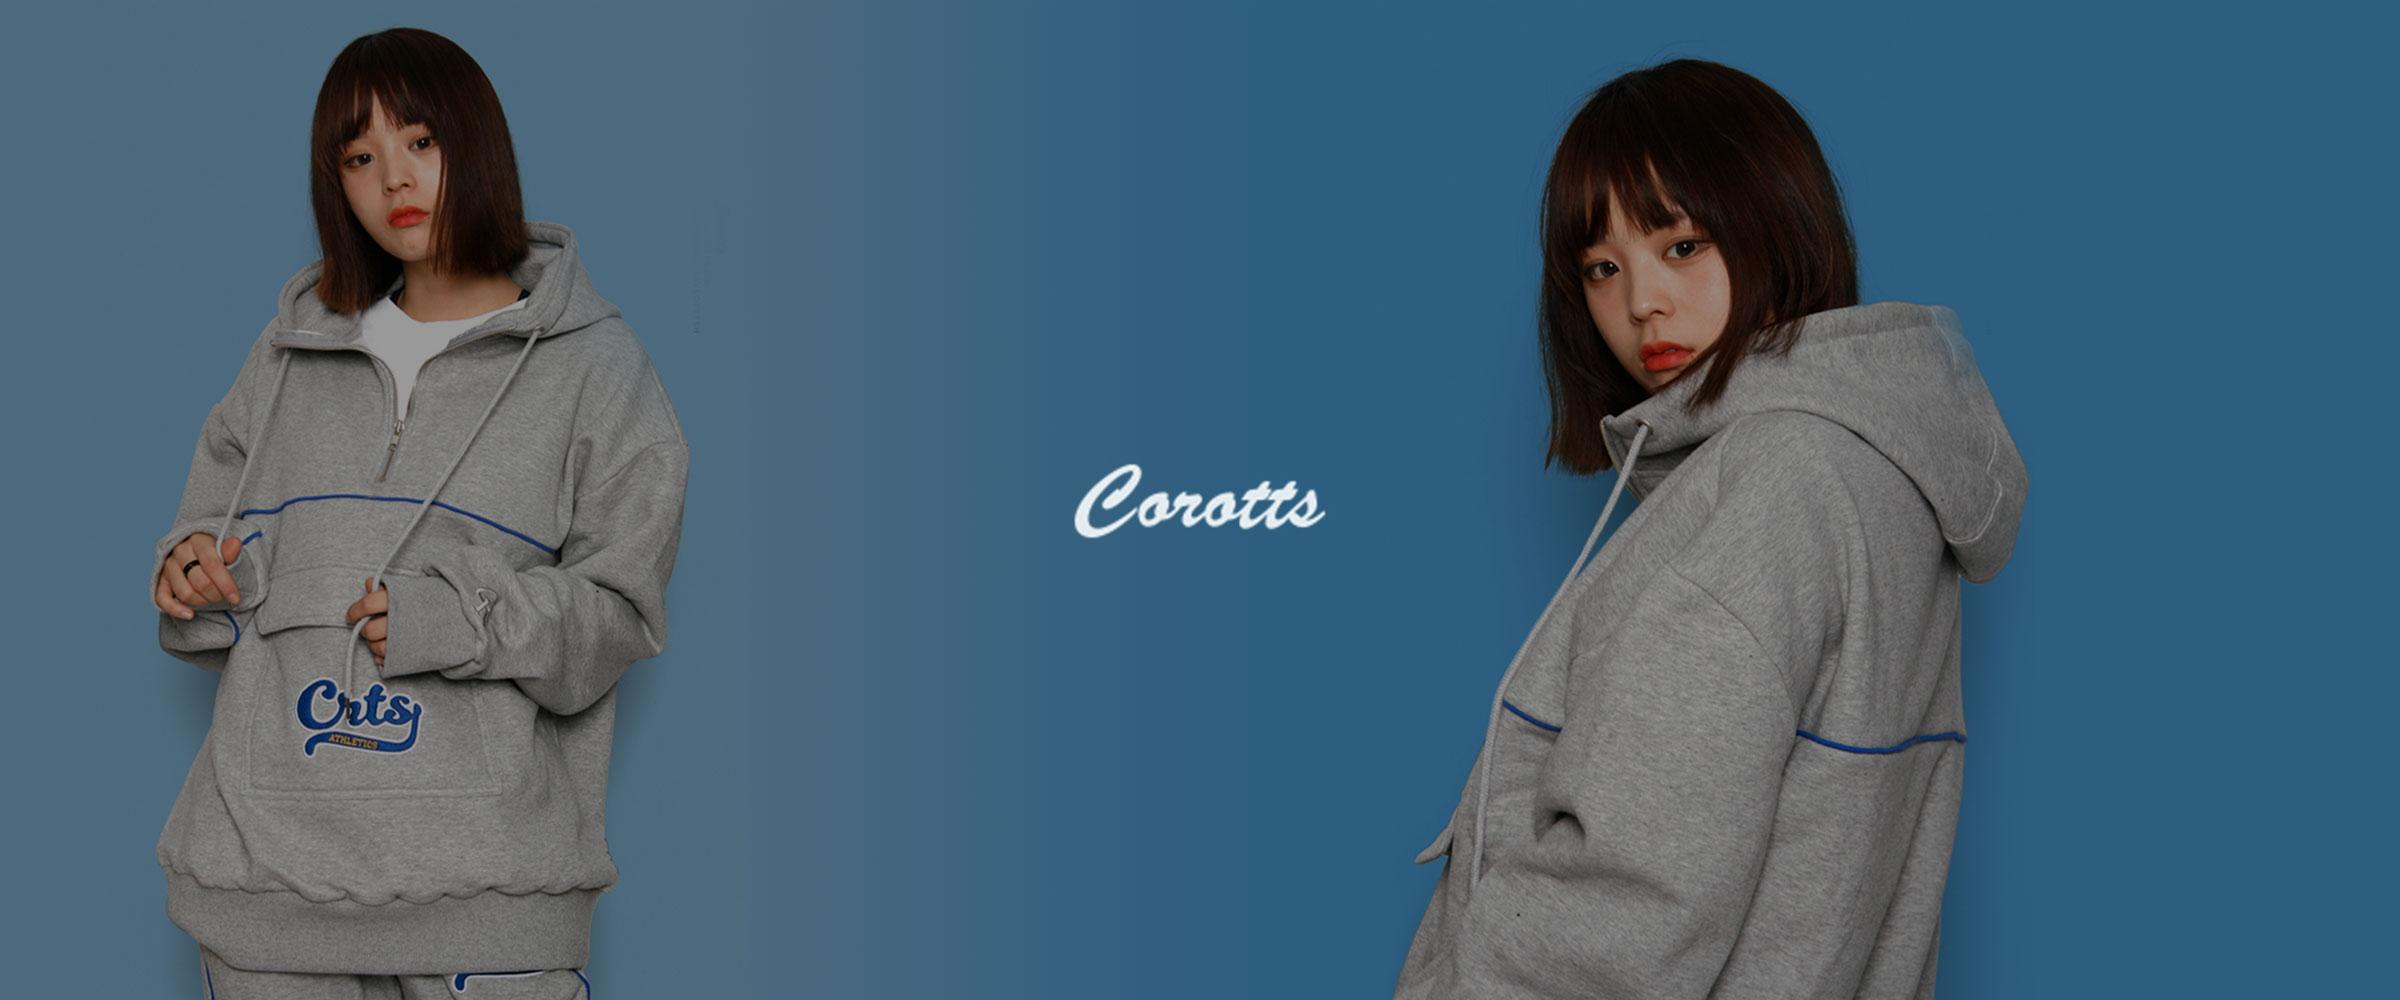 corotts.jpg